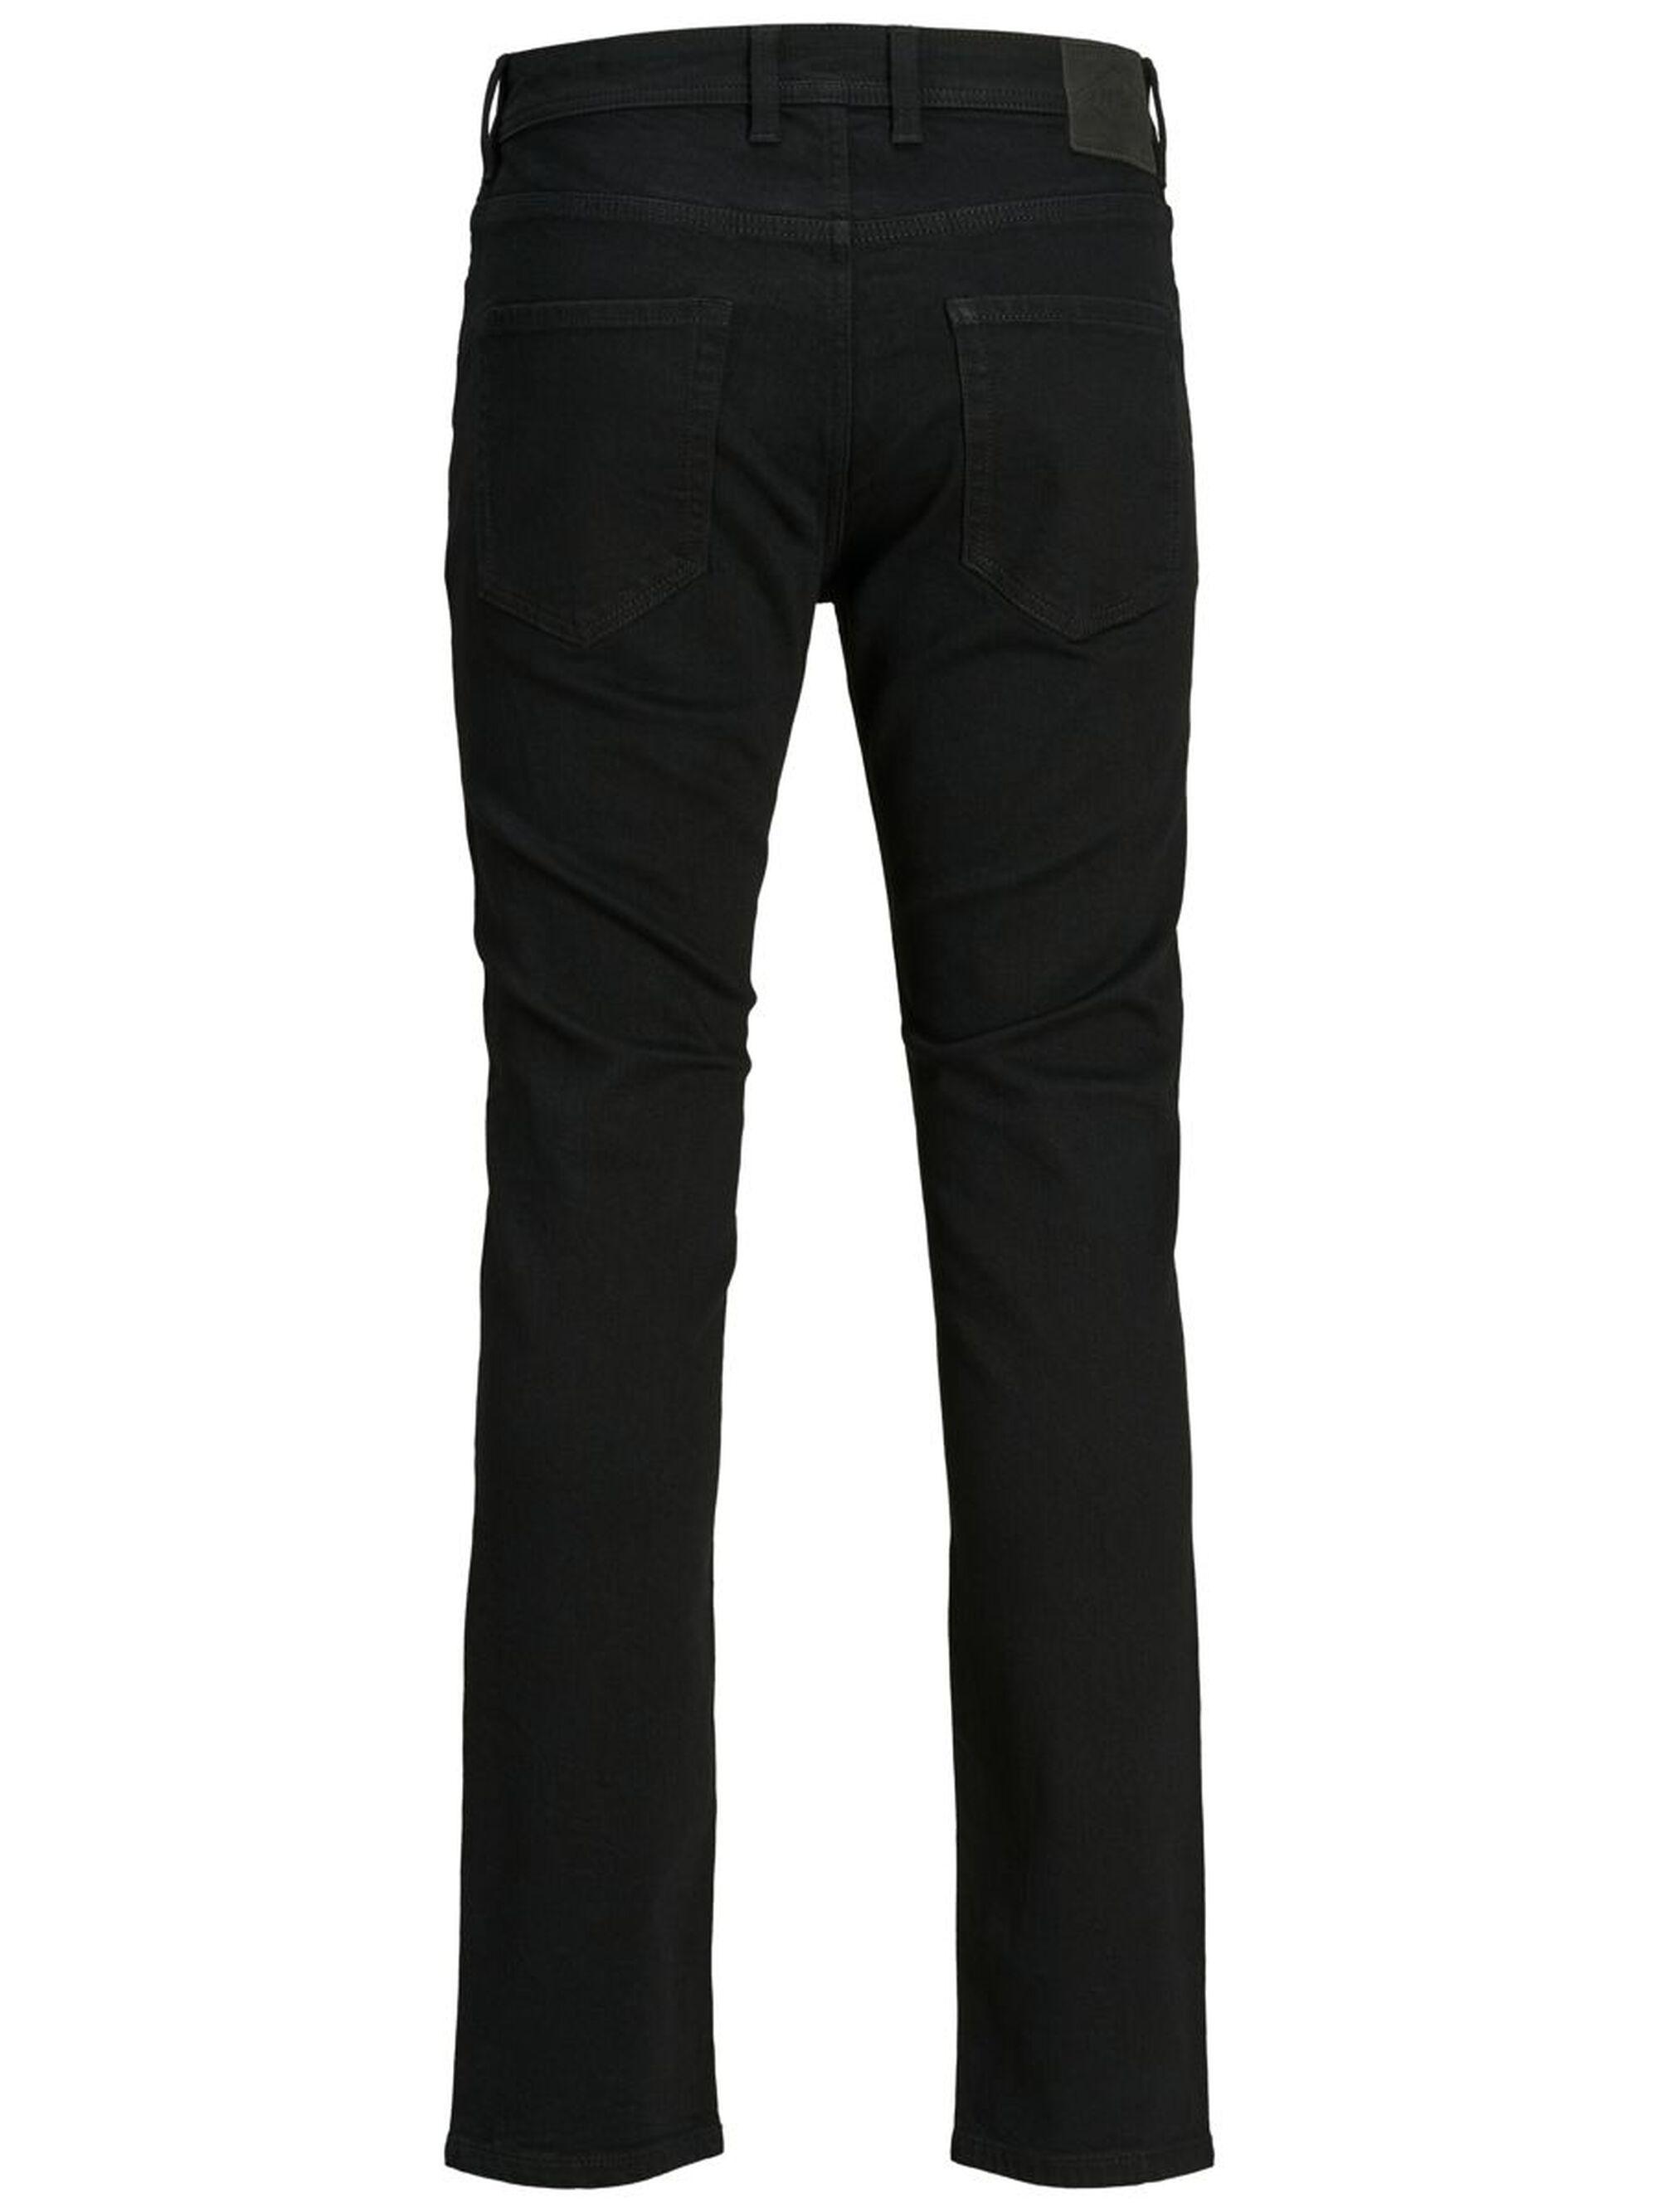 Produkt Denim Zwarte Slim Fit Jeans in het Zwart voor heren